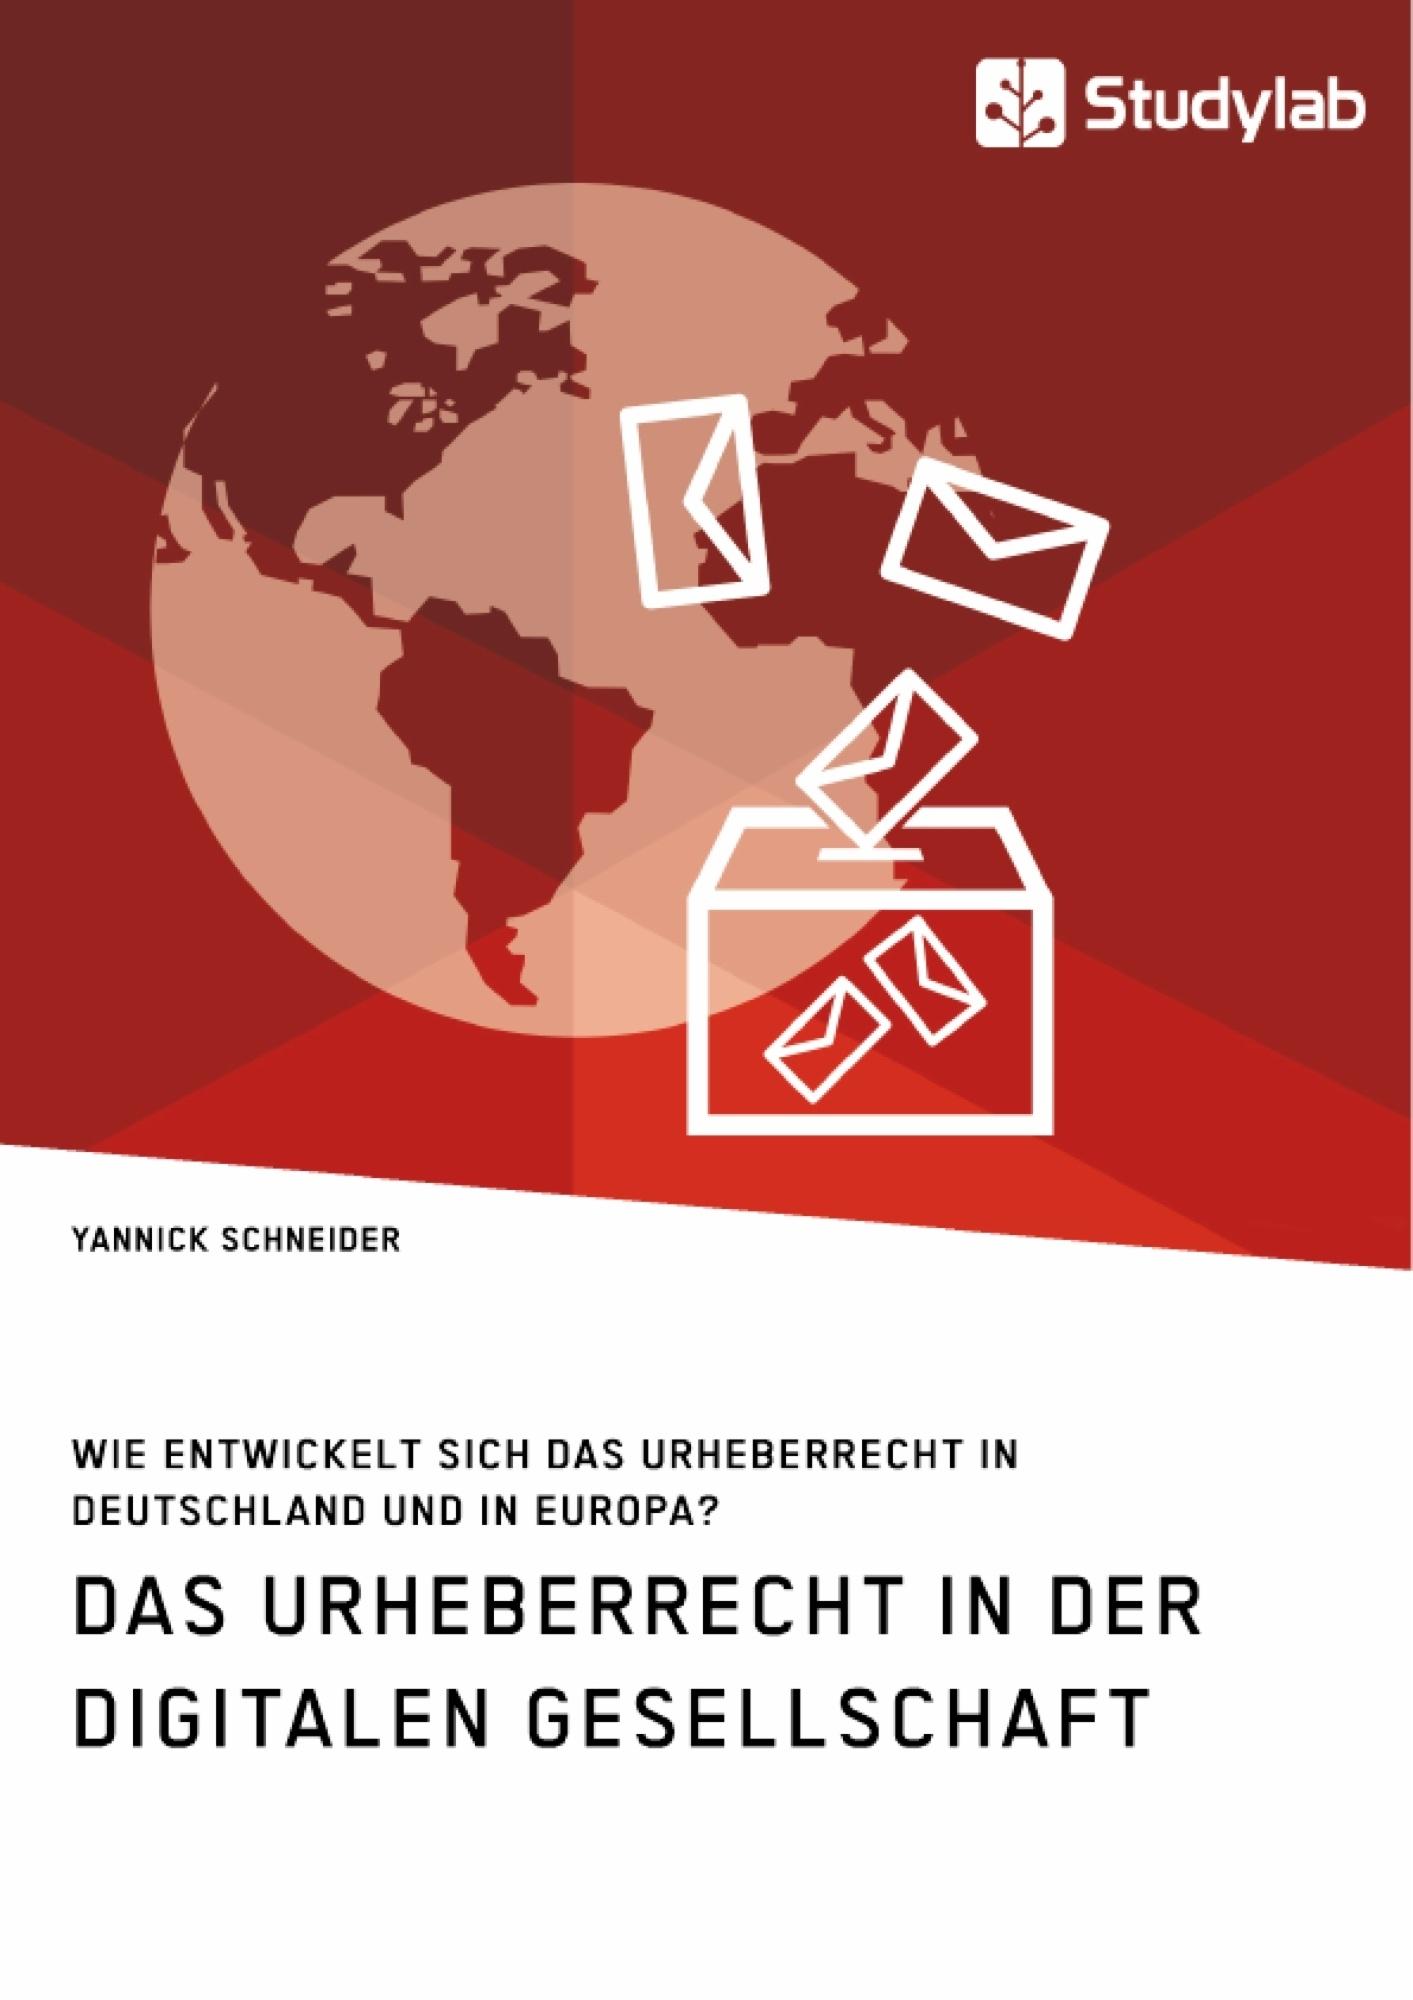 Titel: Das Urheberrecht in der digitalen Gesellschaft. Wie entwickelt sich das Urheberrecht in Deutschland und in Europa?